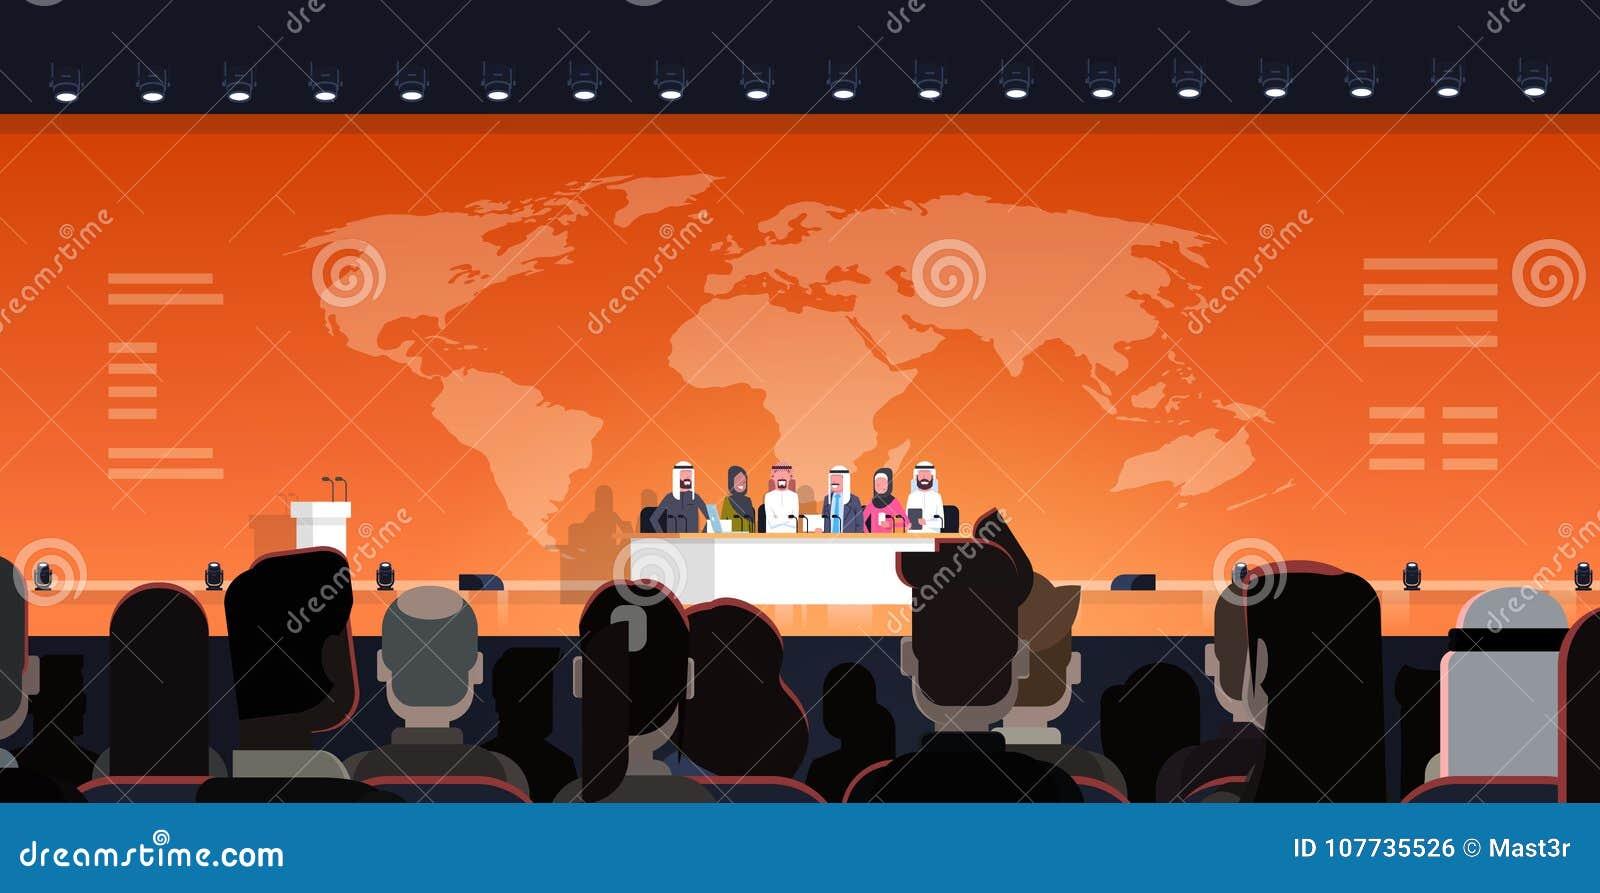 Grupo de hombres de negocios árabes en entrevista del debate público de la conferencia sobre la reunión oficial del fondo del map